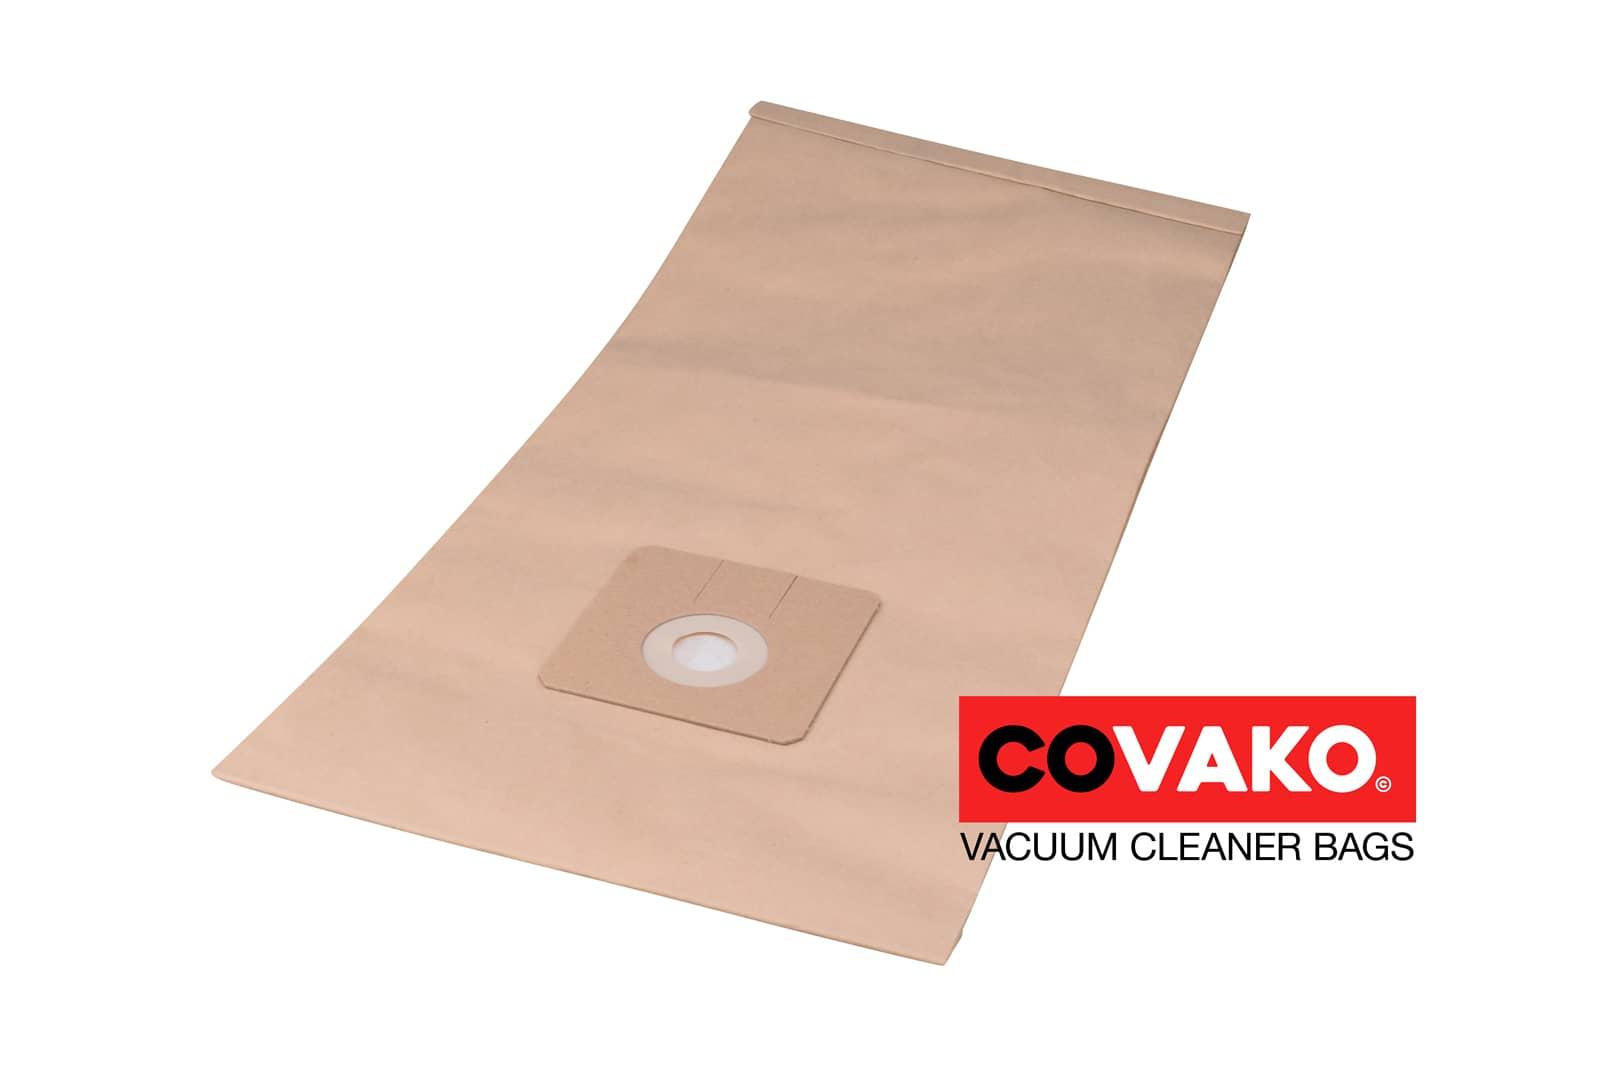 Kenbo 25 Eco plus / Paper - Kenbo vacuum cleaner bags